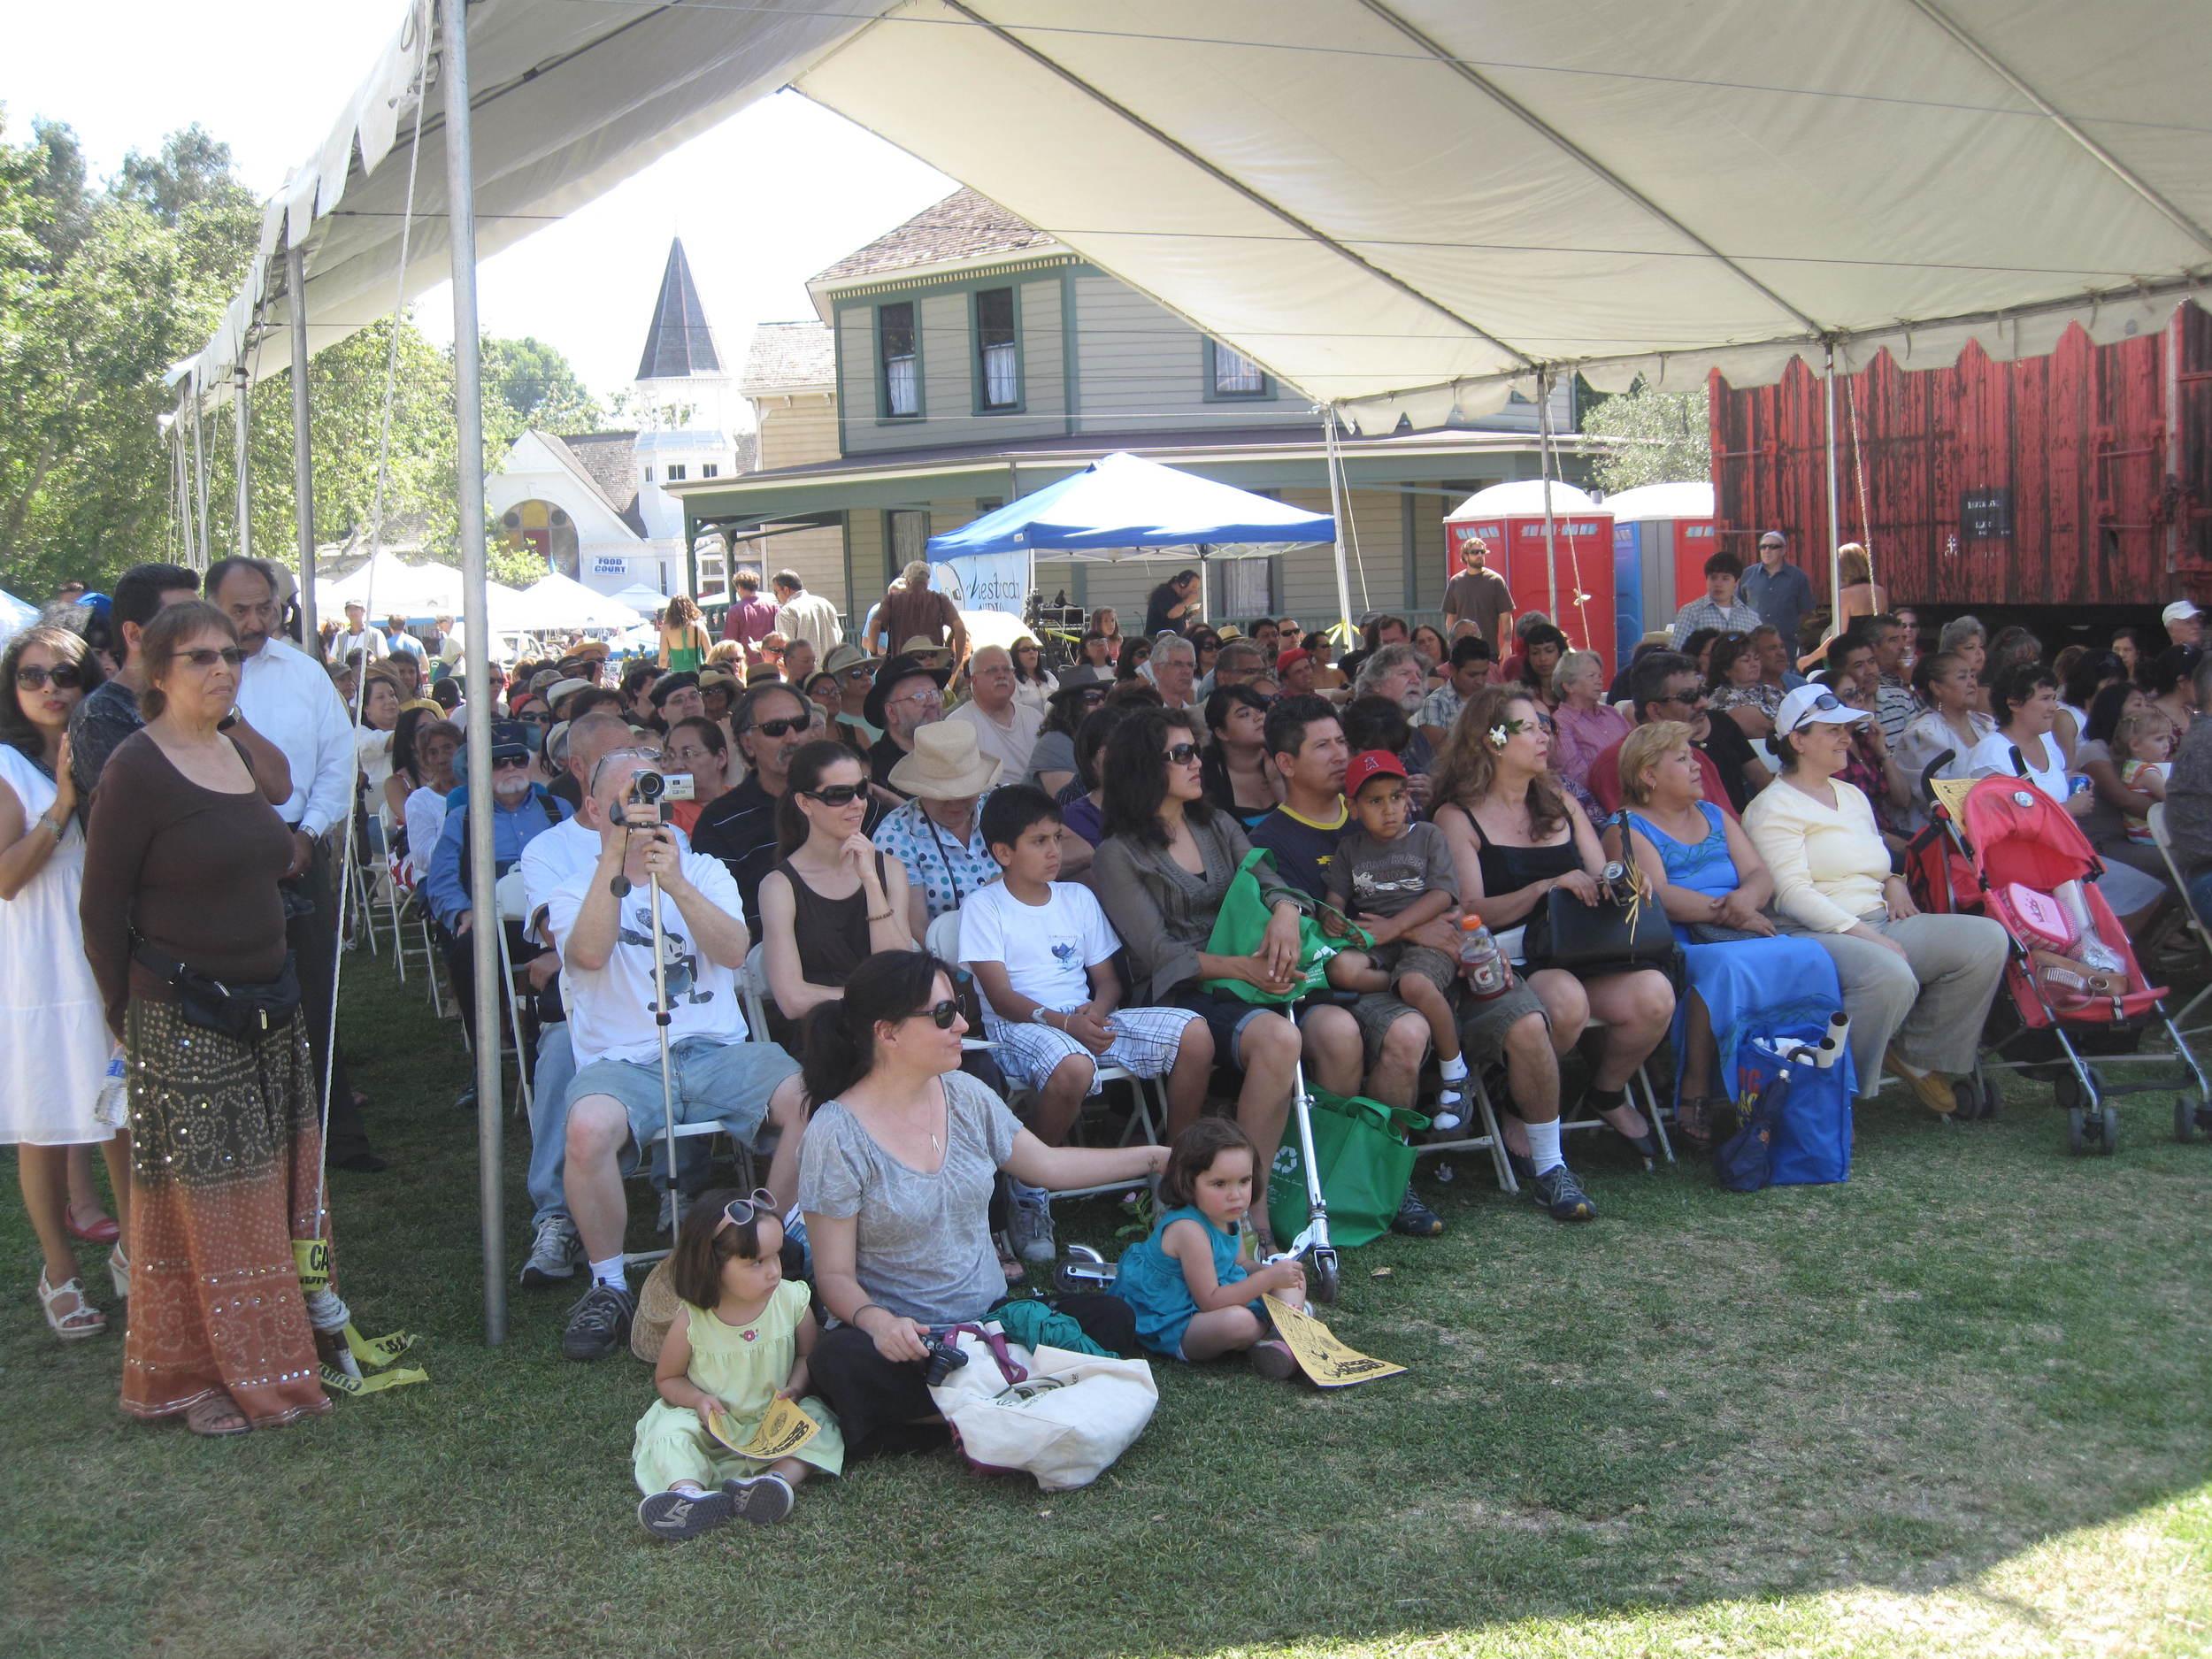 2010.crowd.IMG_0075.JPG